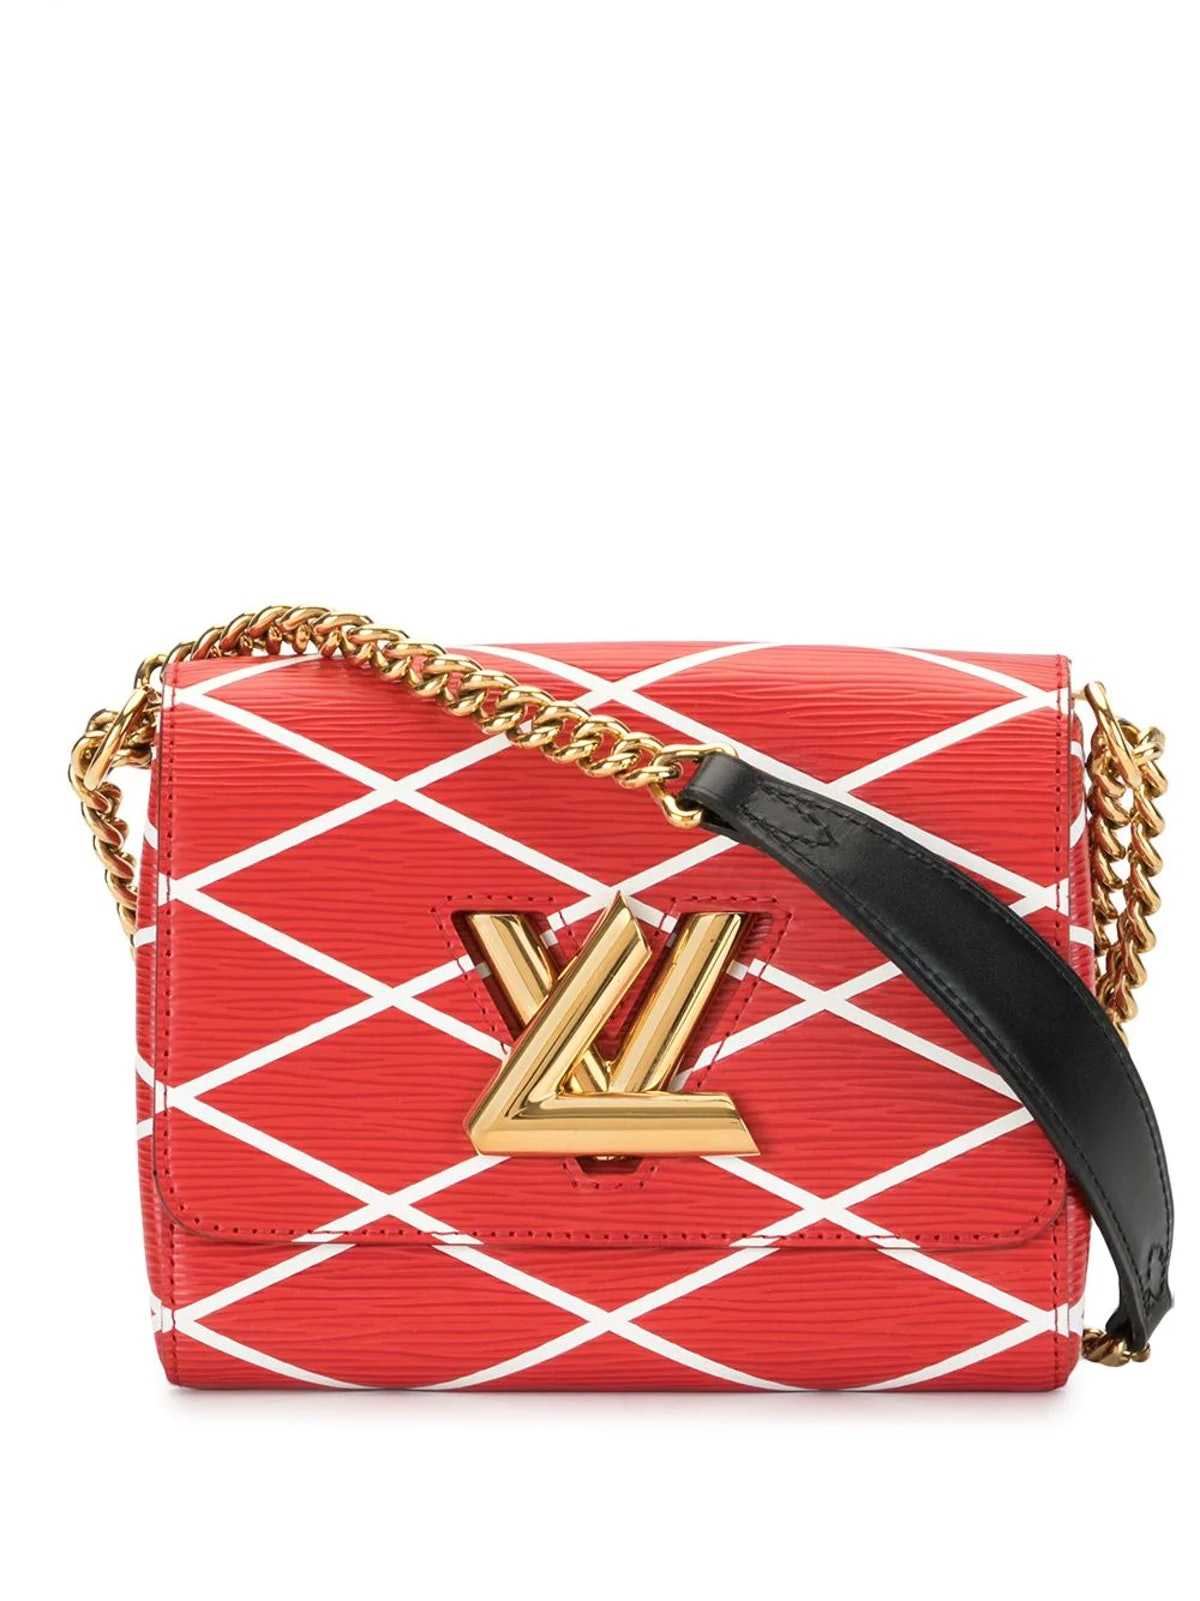 Louis Vuitton 2014 pre-owned Malletage Twist PM shoulder bag